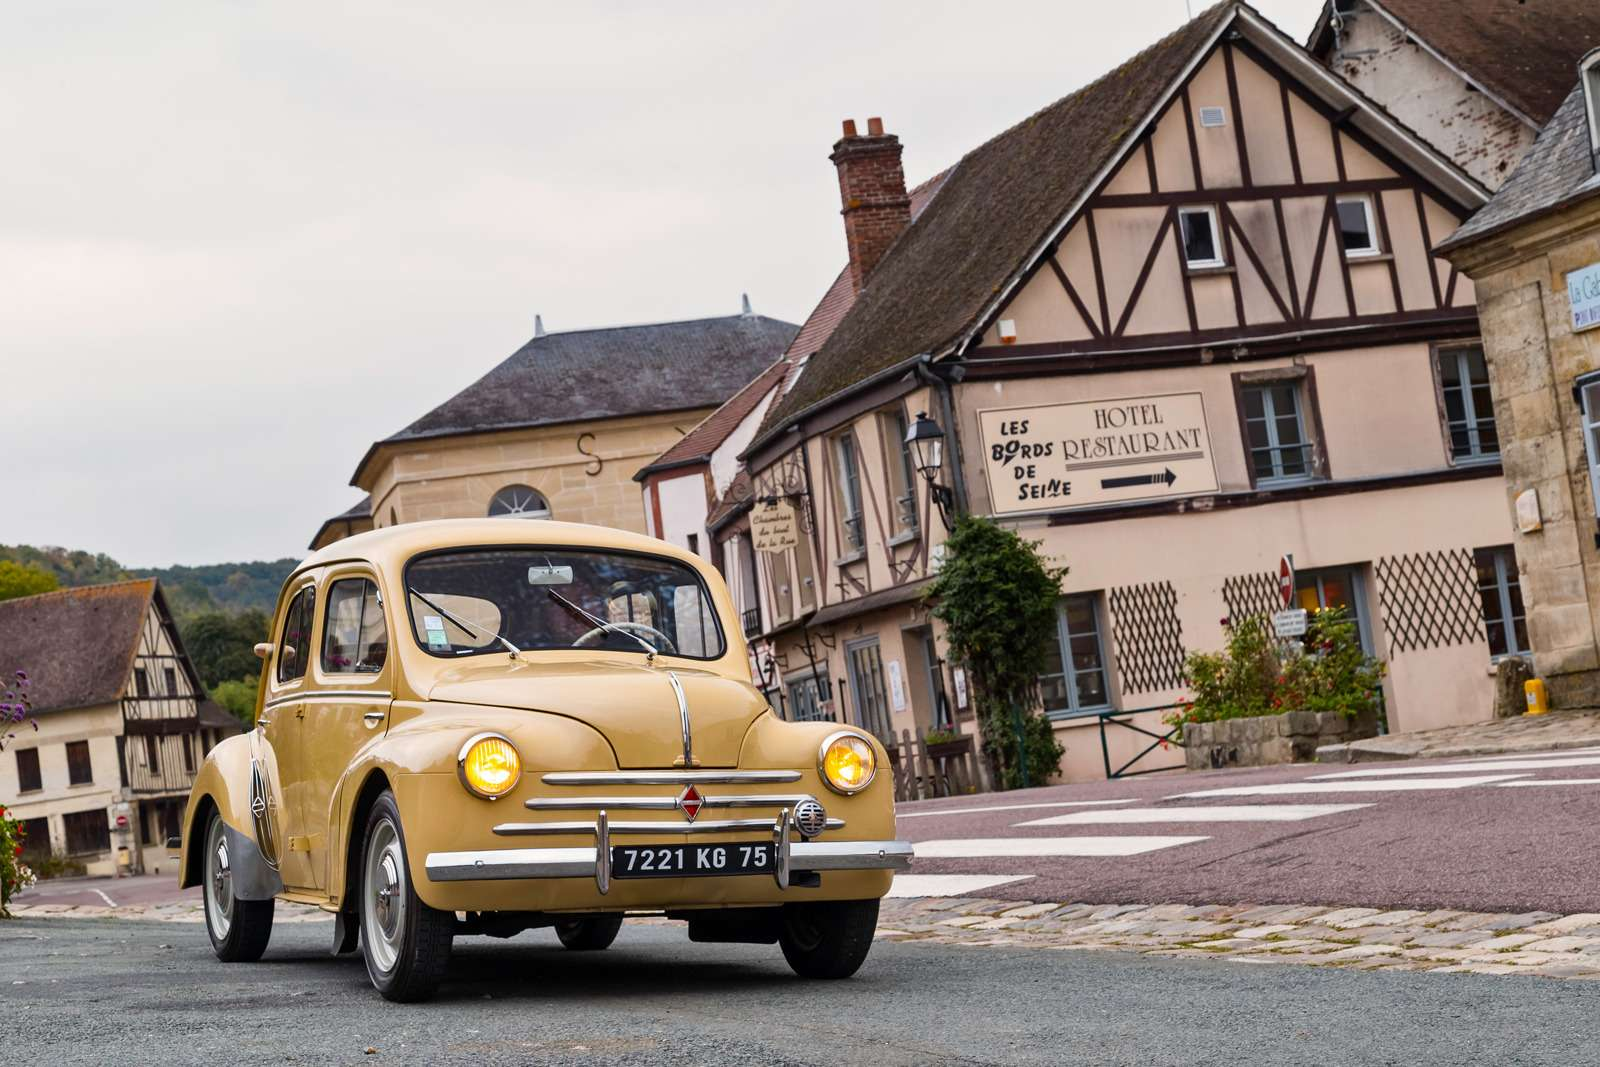 10-Renault-old_zr-01_16